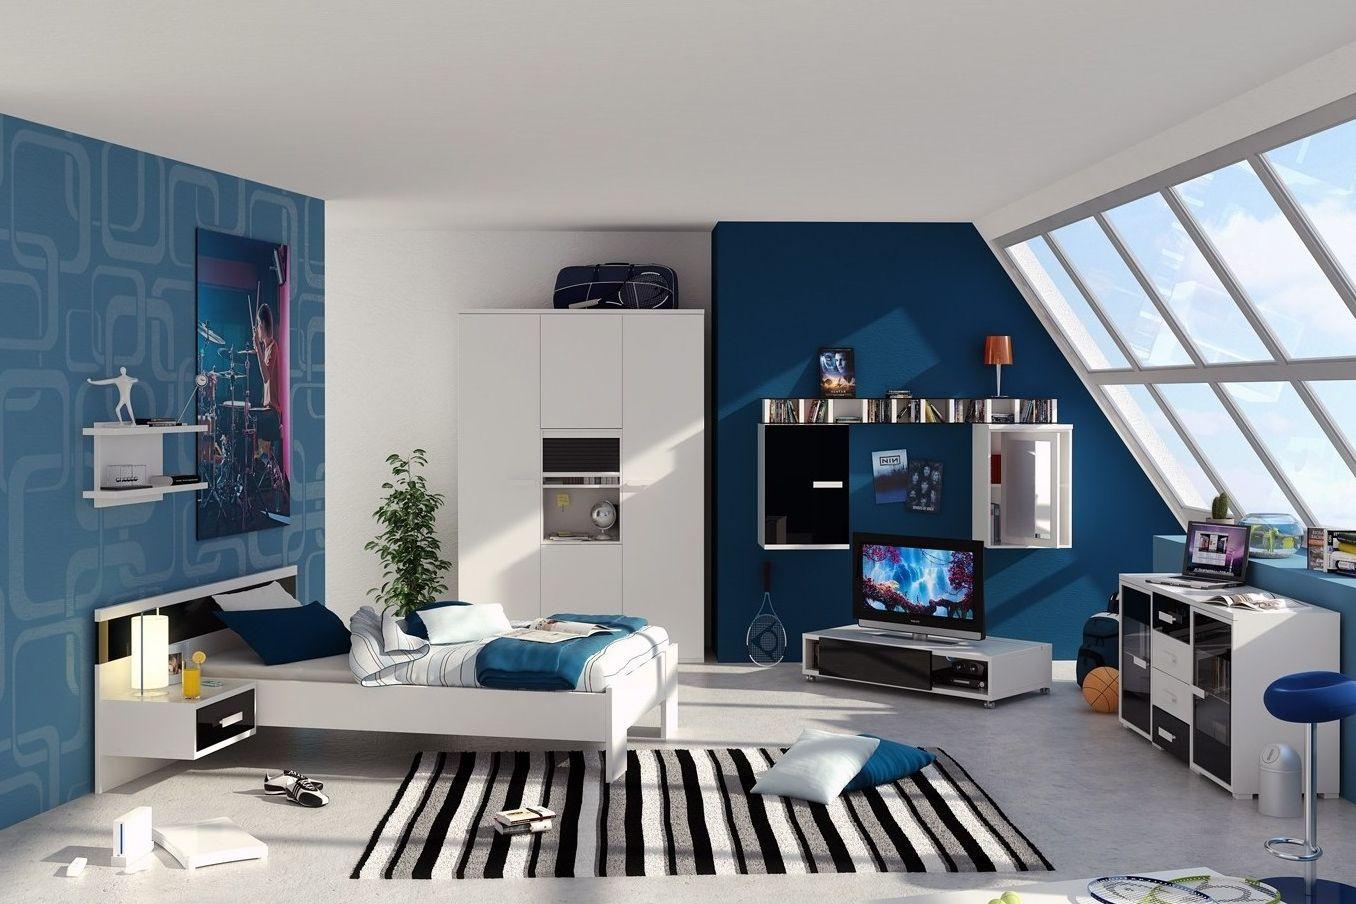 10 Inspirasi Perpaduan Warna Keren Untuk Dinding Kamar Bedroom Design Kids Bedrooms Colors Boy Bedroom Design Inspirasi blue bedroom decor